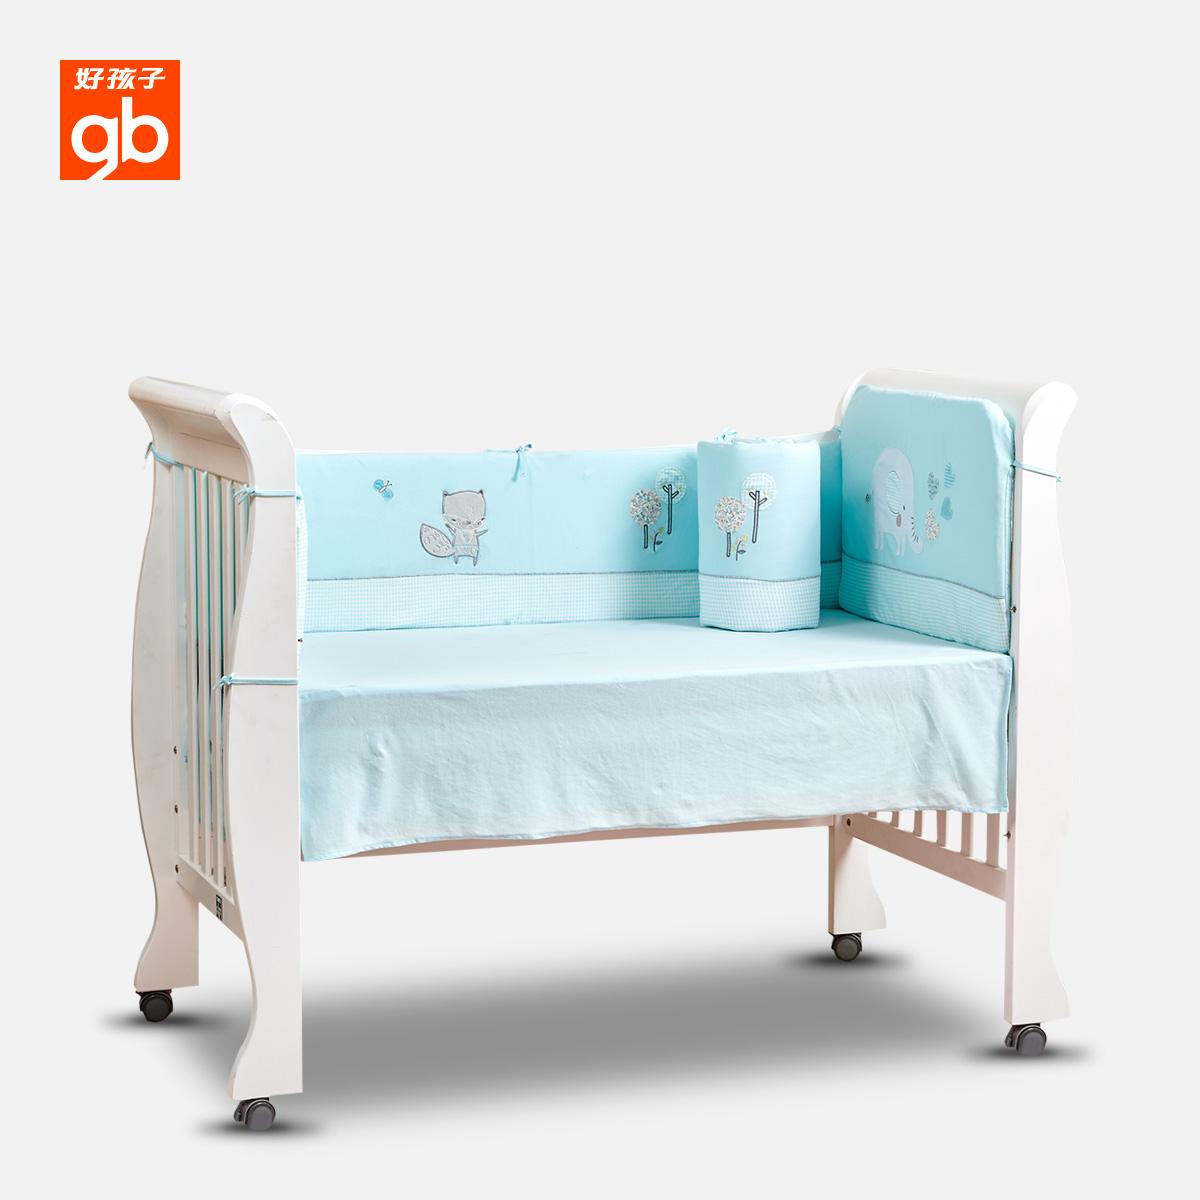 好孩子婴儿床上用品套件床品六件套